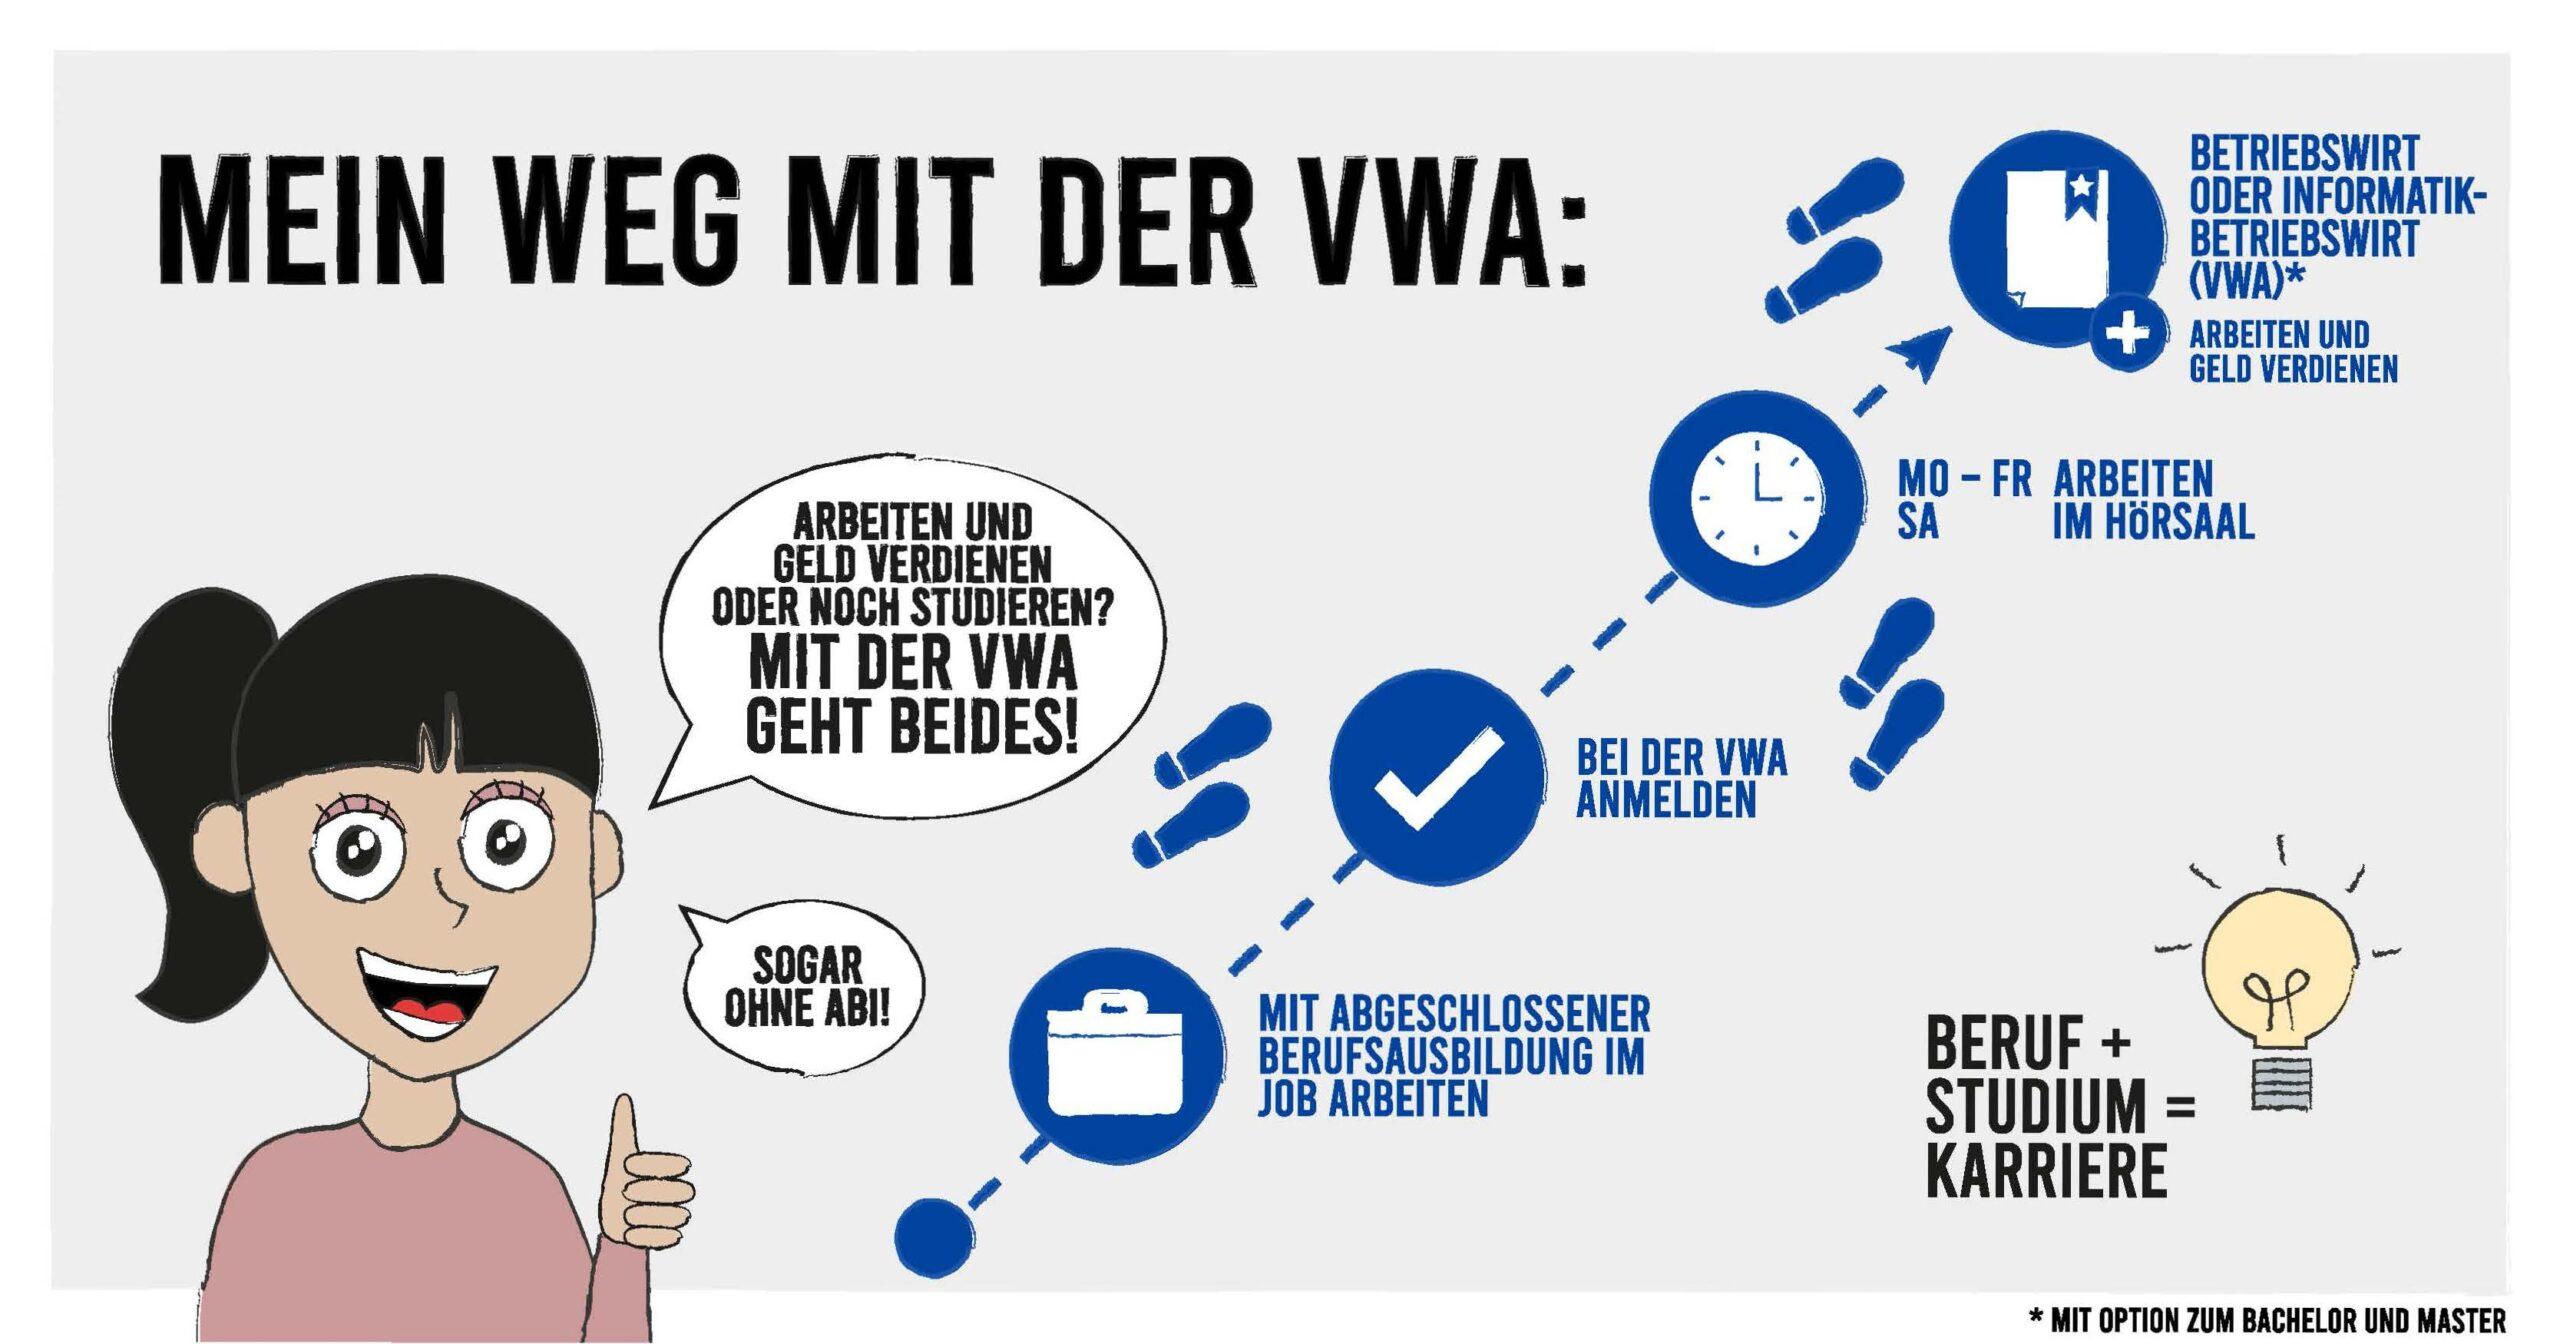 Darstellung des Weges zum VWA-Abschluss neben dem Beruf als Comic-Grafik.